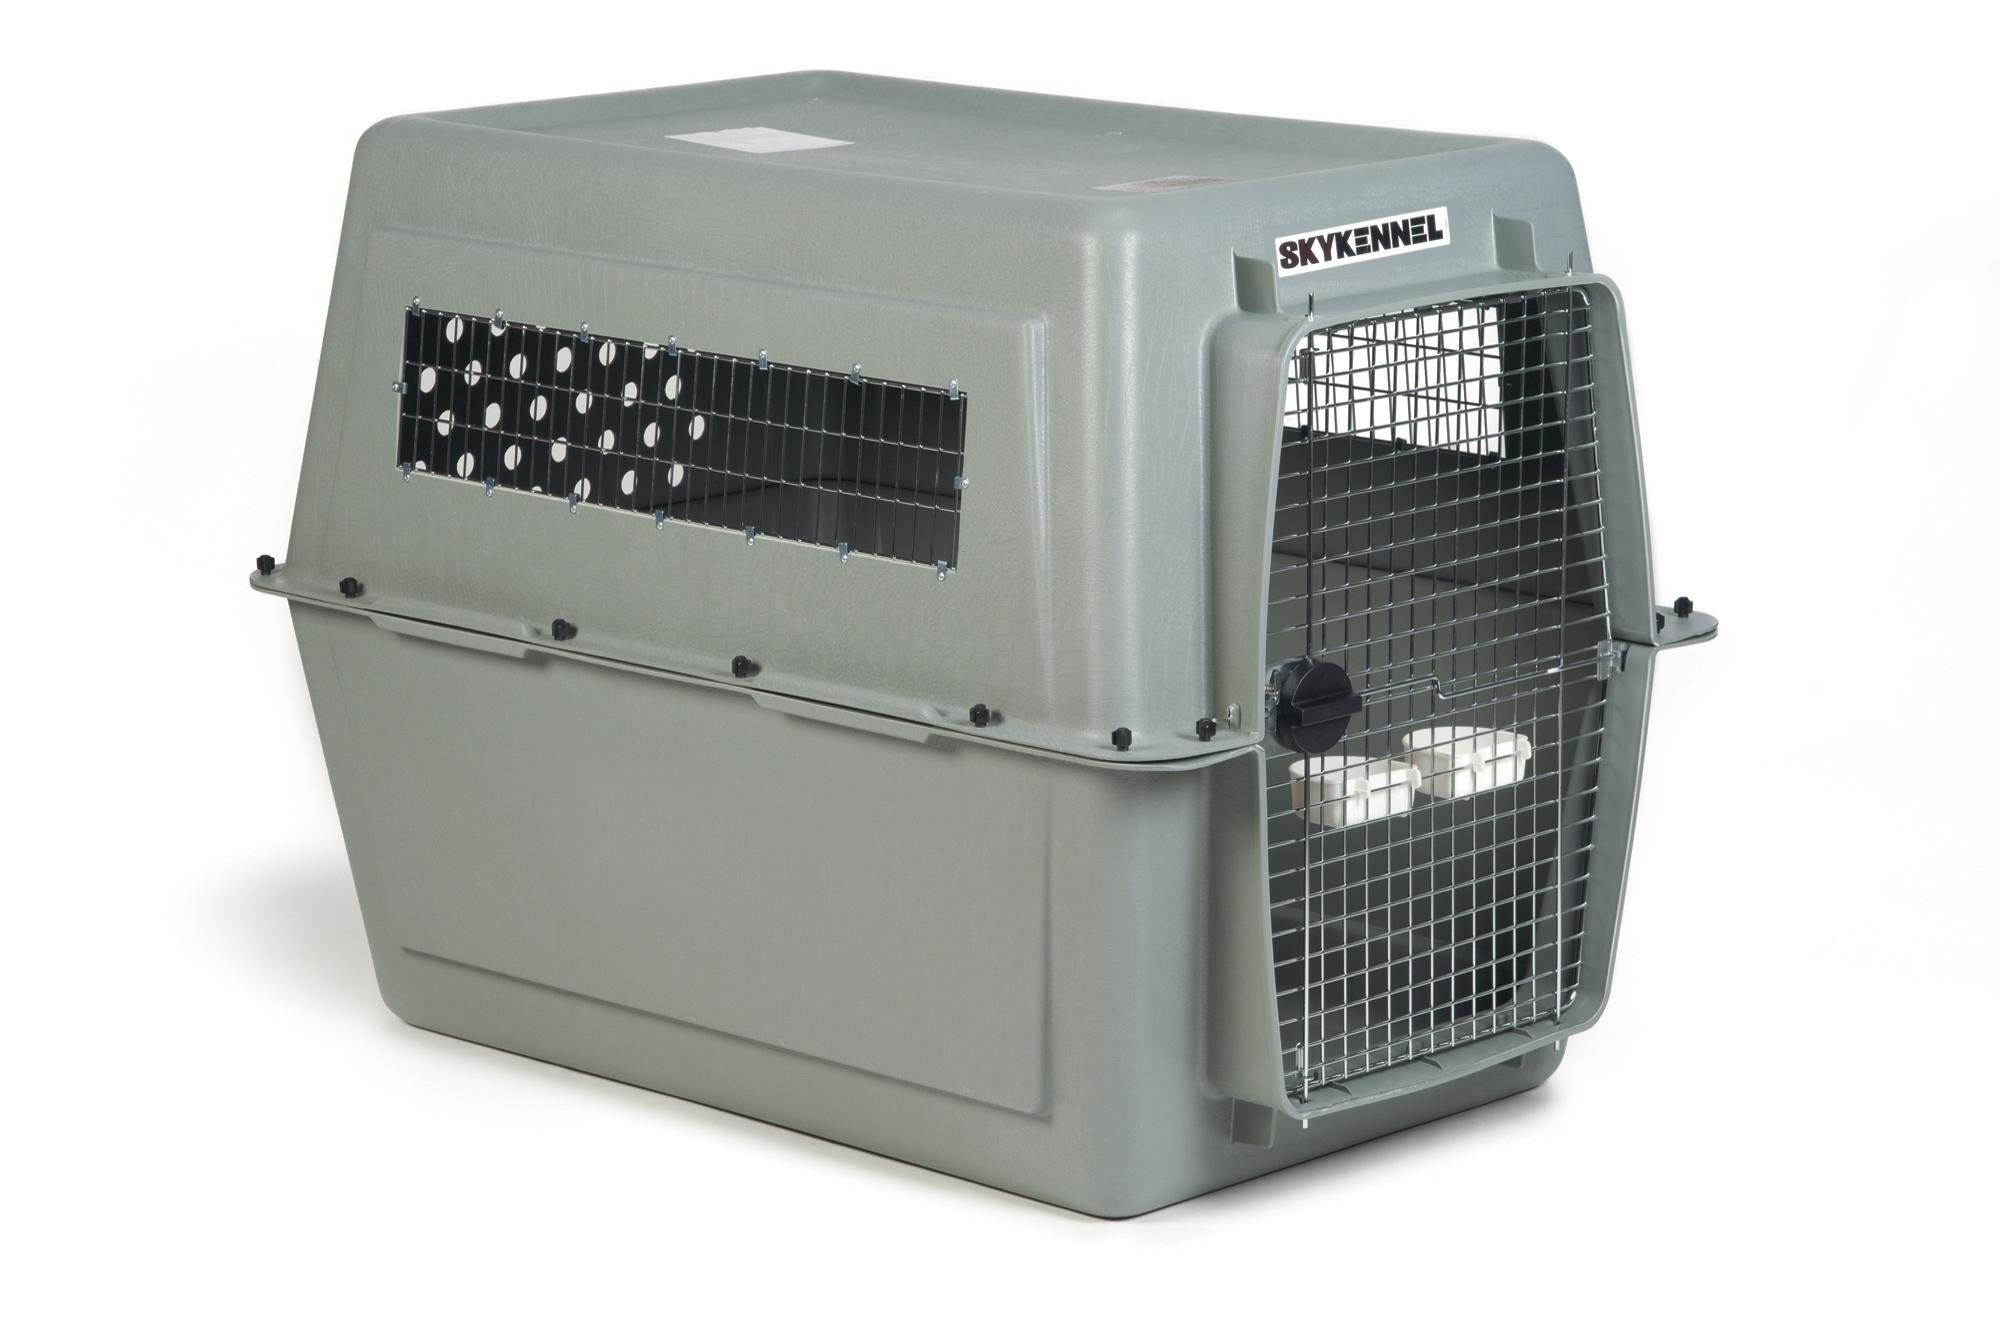 Sky Kennel Flygbur Dog Crate Petmate Sky Kennel